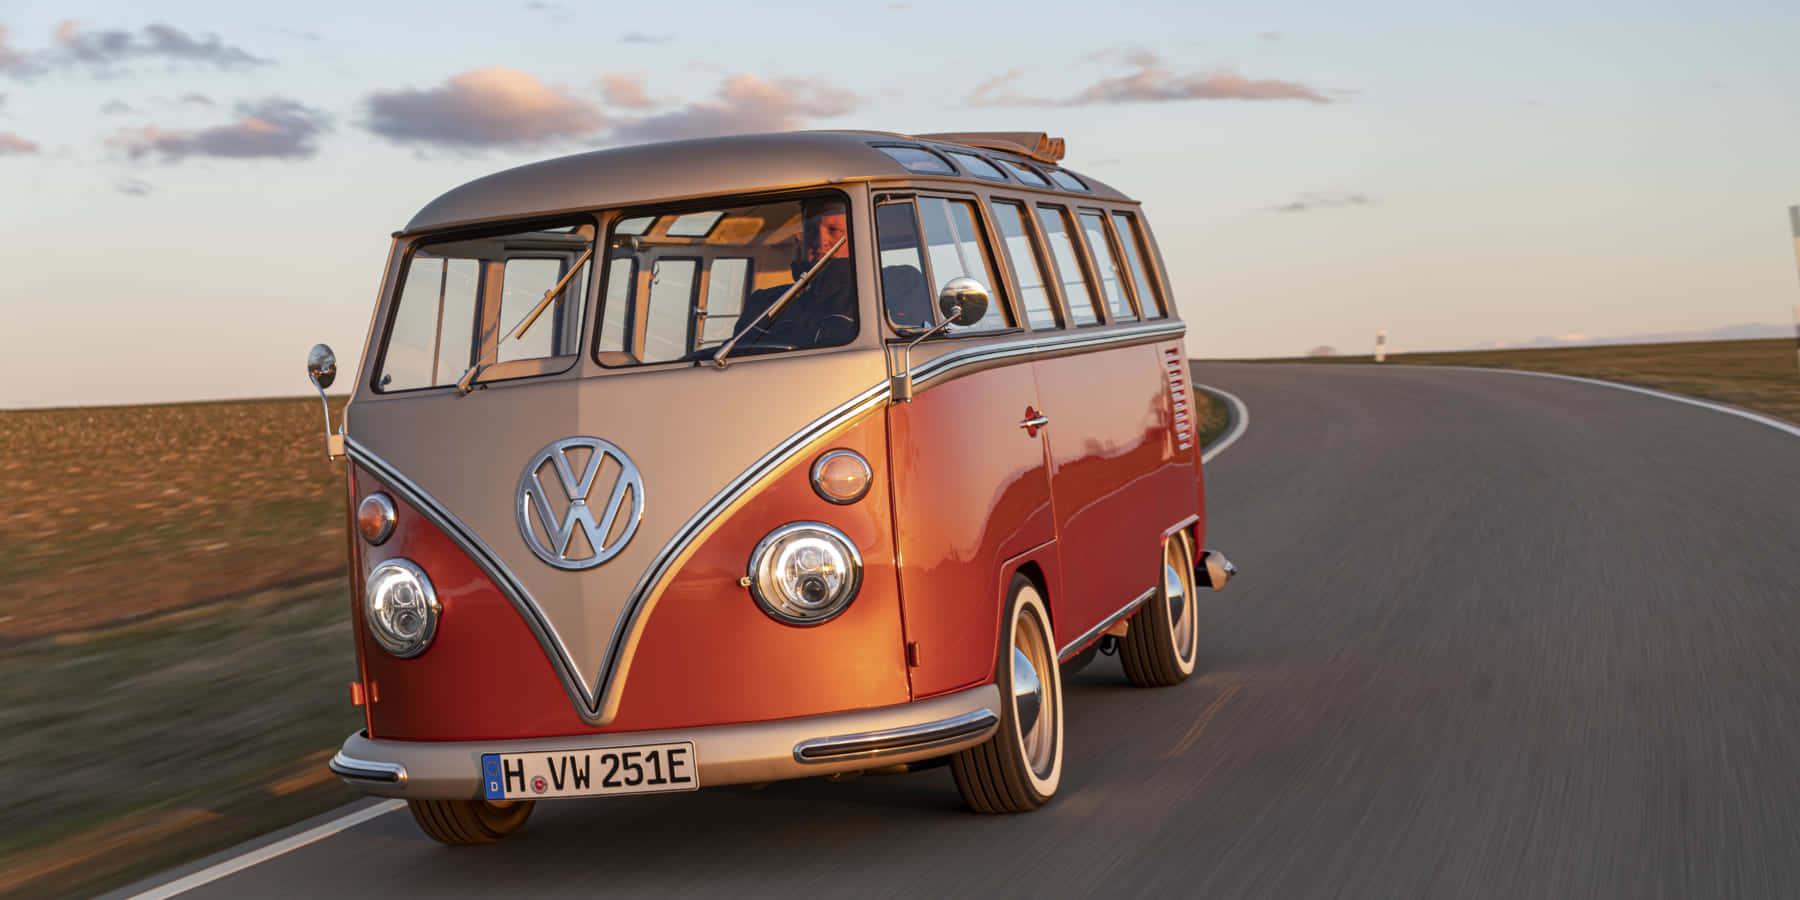 60年代のフォルクスワーゲン車を復刻した、CO2排出ゼロ電気自動車「e-BULLI」